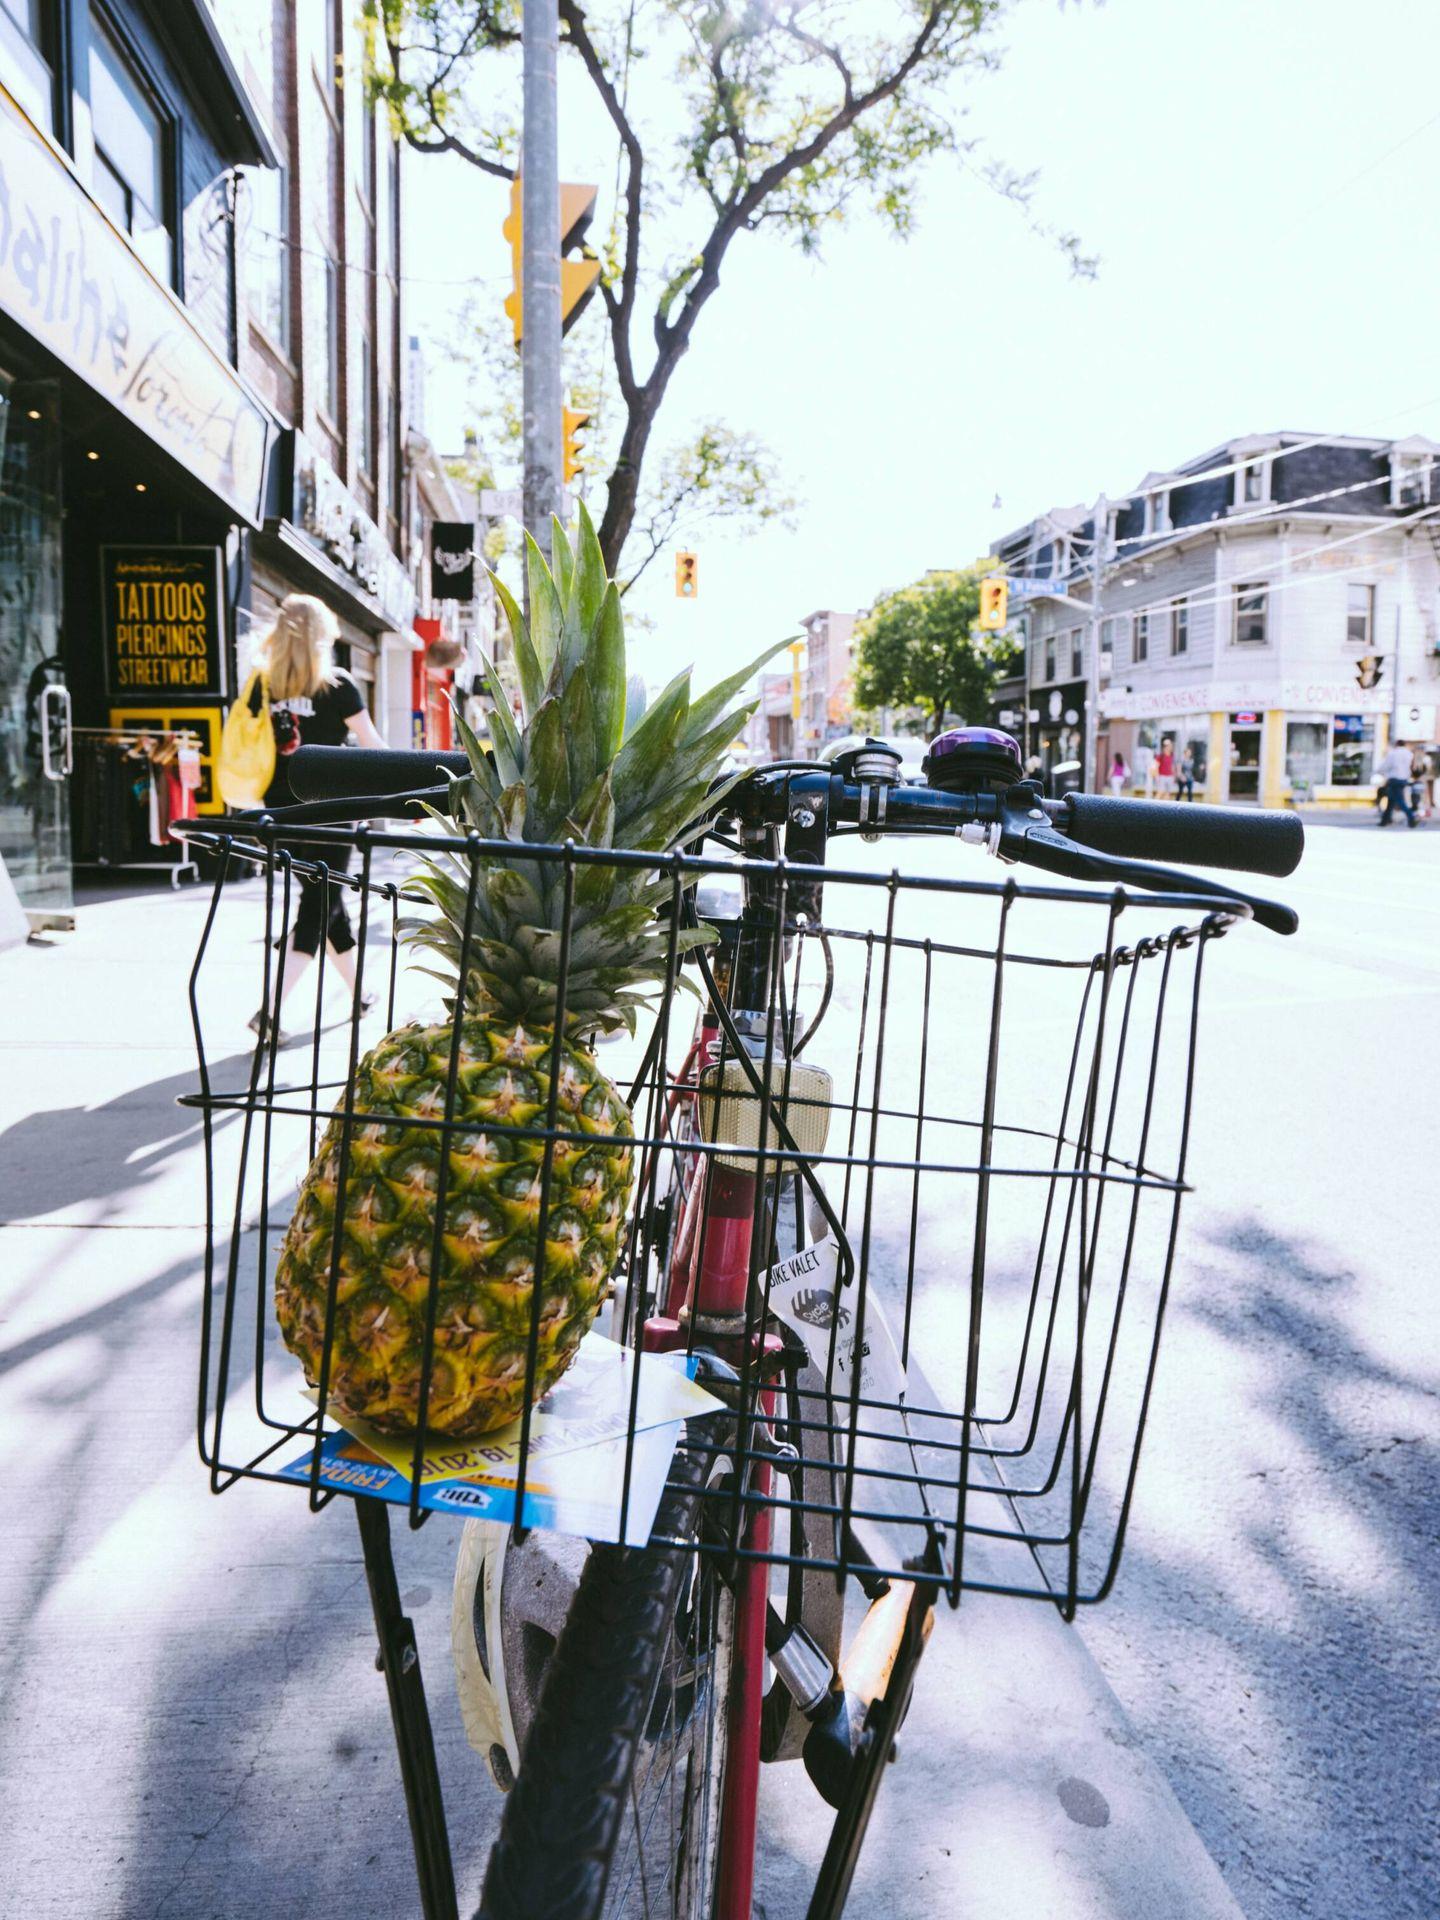 Consejos y trucos para hacer la compra cuando quieres adelgazar. (Pineapple Supply Co. para Unsplash)